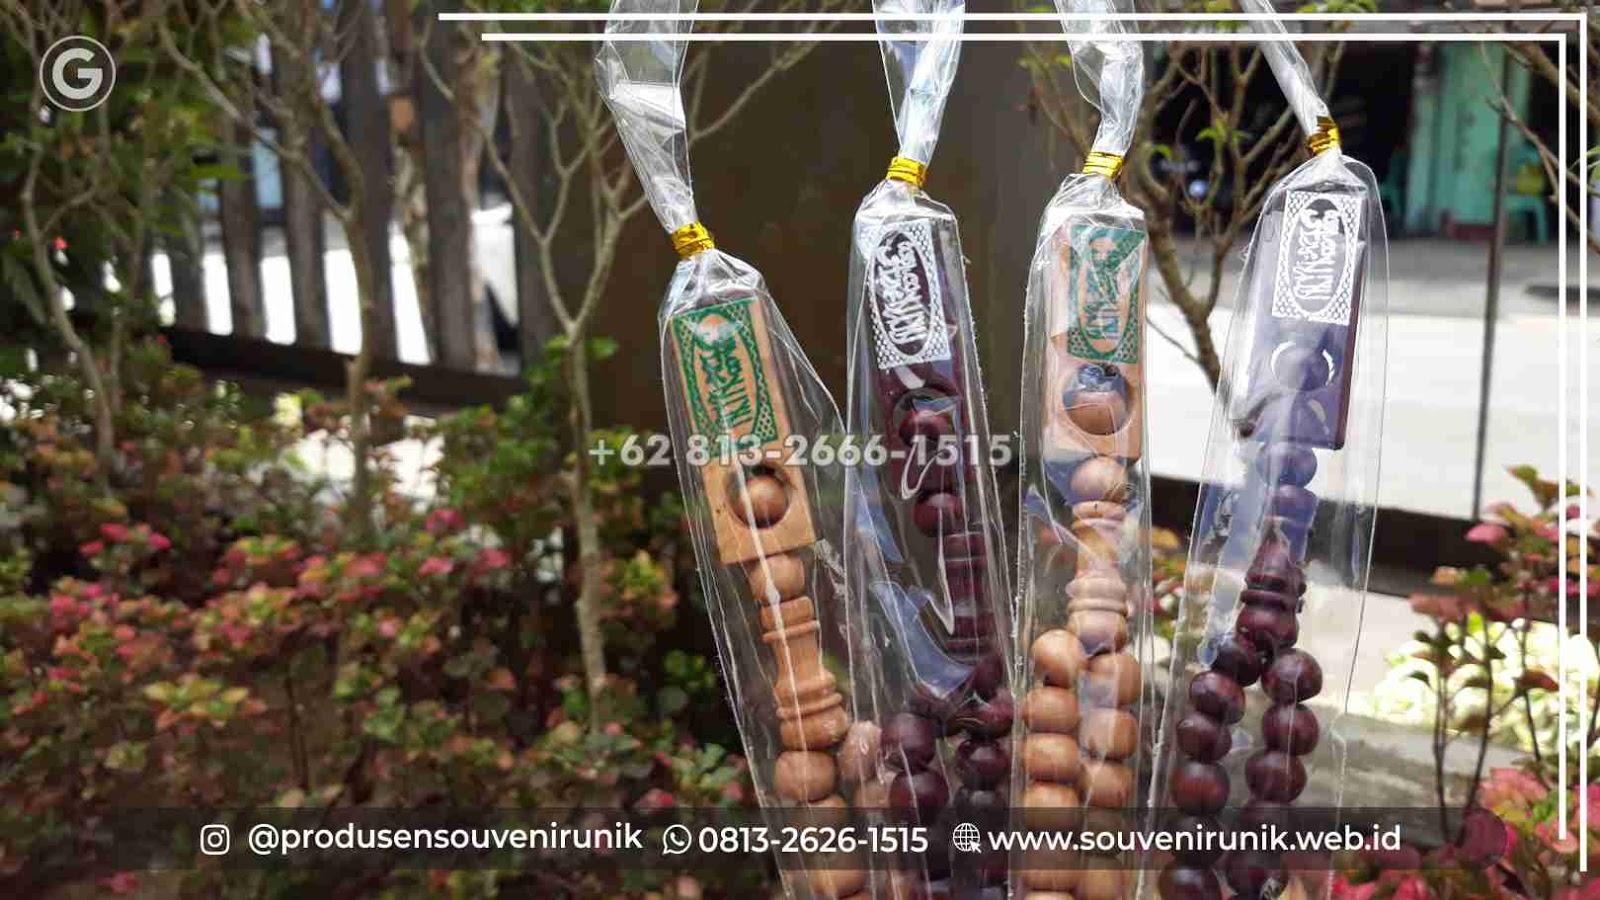 +62 813-2666-1515 | jual souvenir tasbih kayu